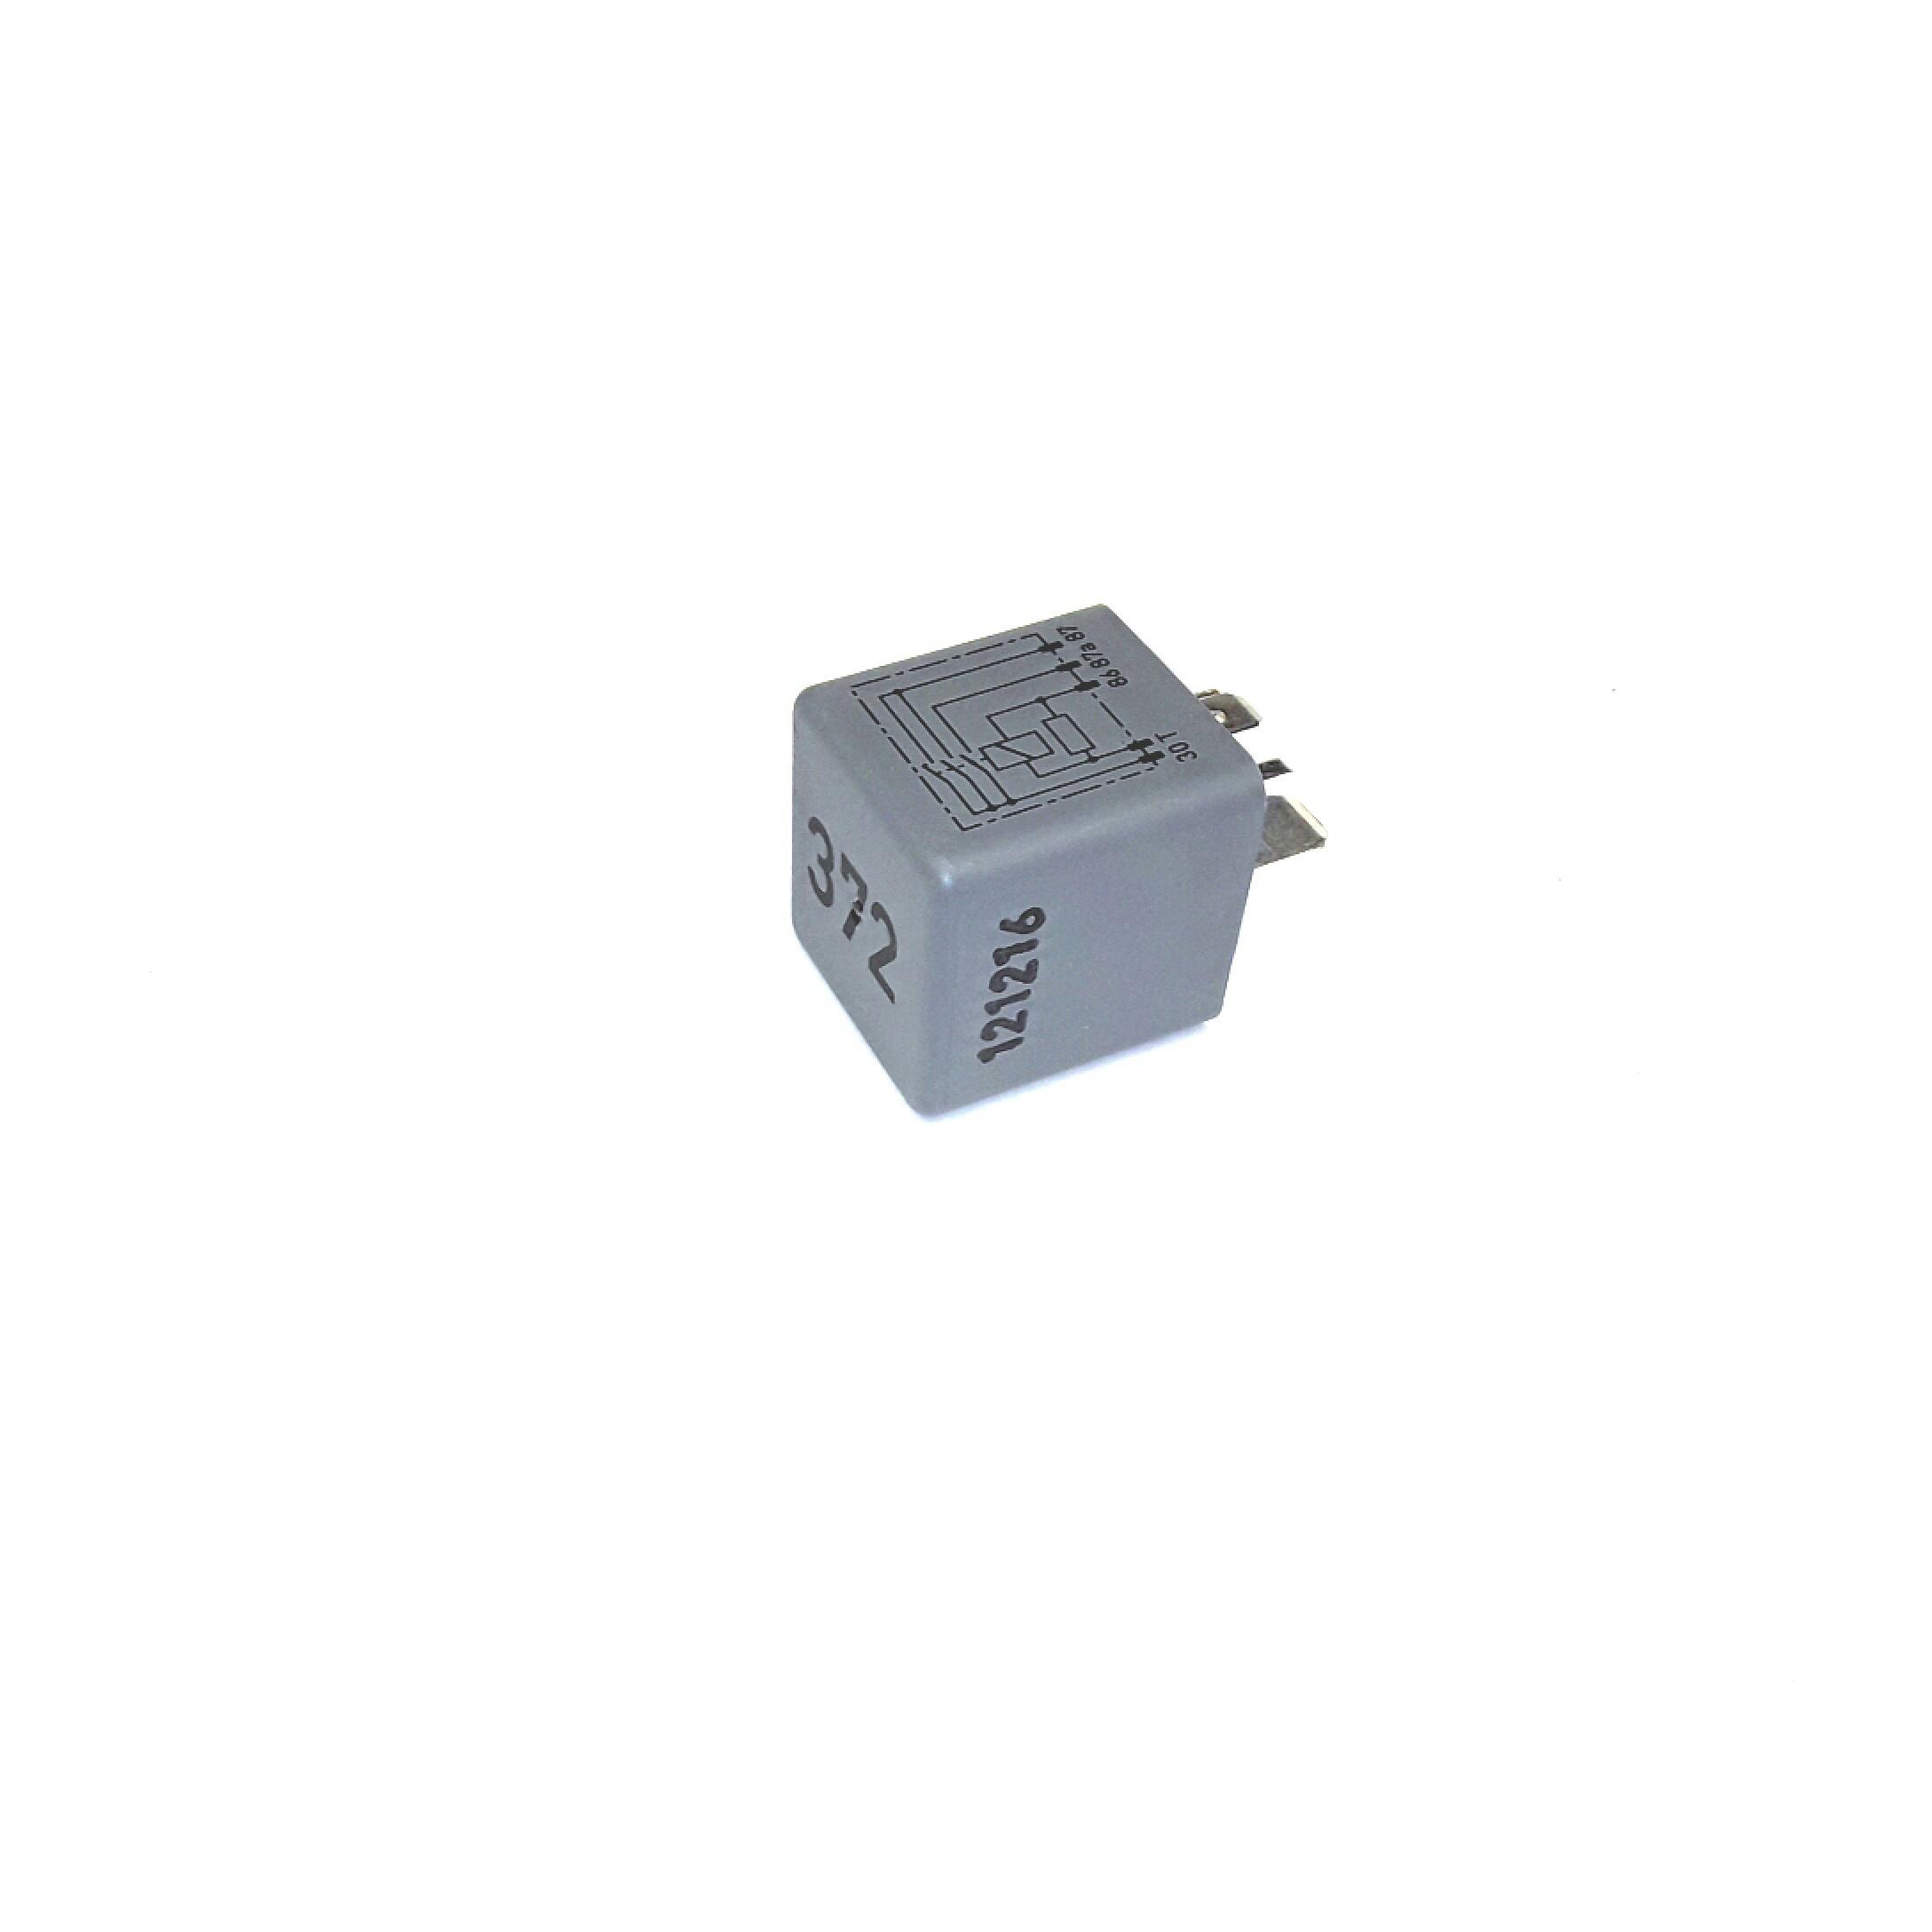 audi a6 2 8l v6 a  t fwd accessory power relay fuel pump Audi A6 Part 4Fo 907 289G